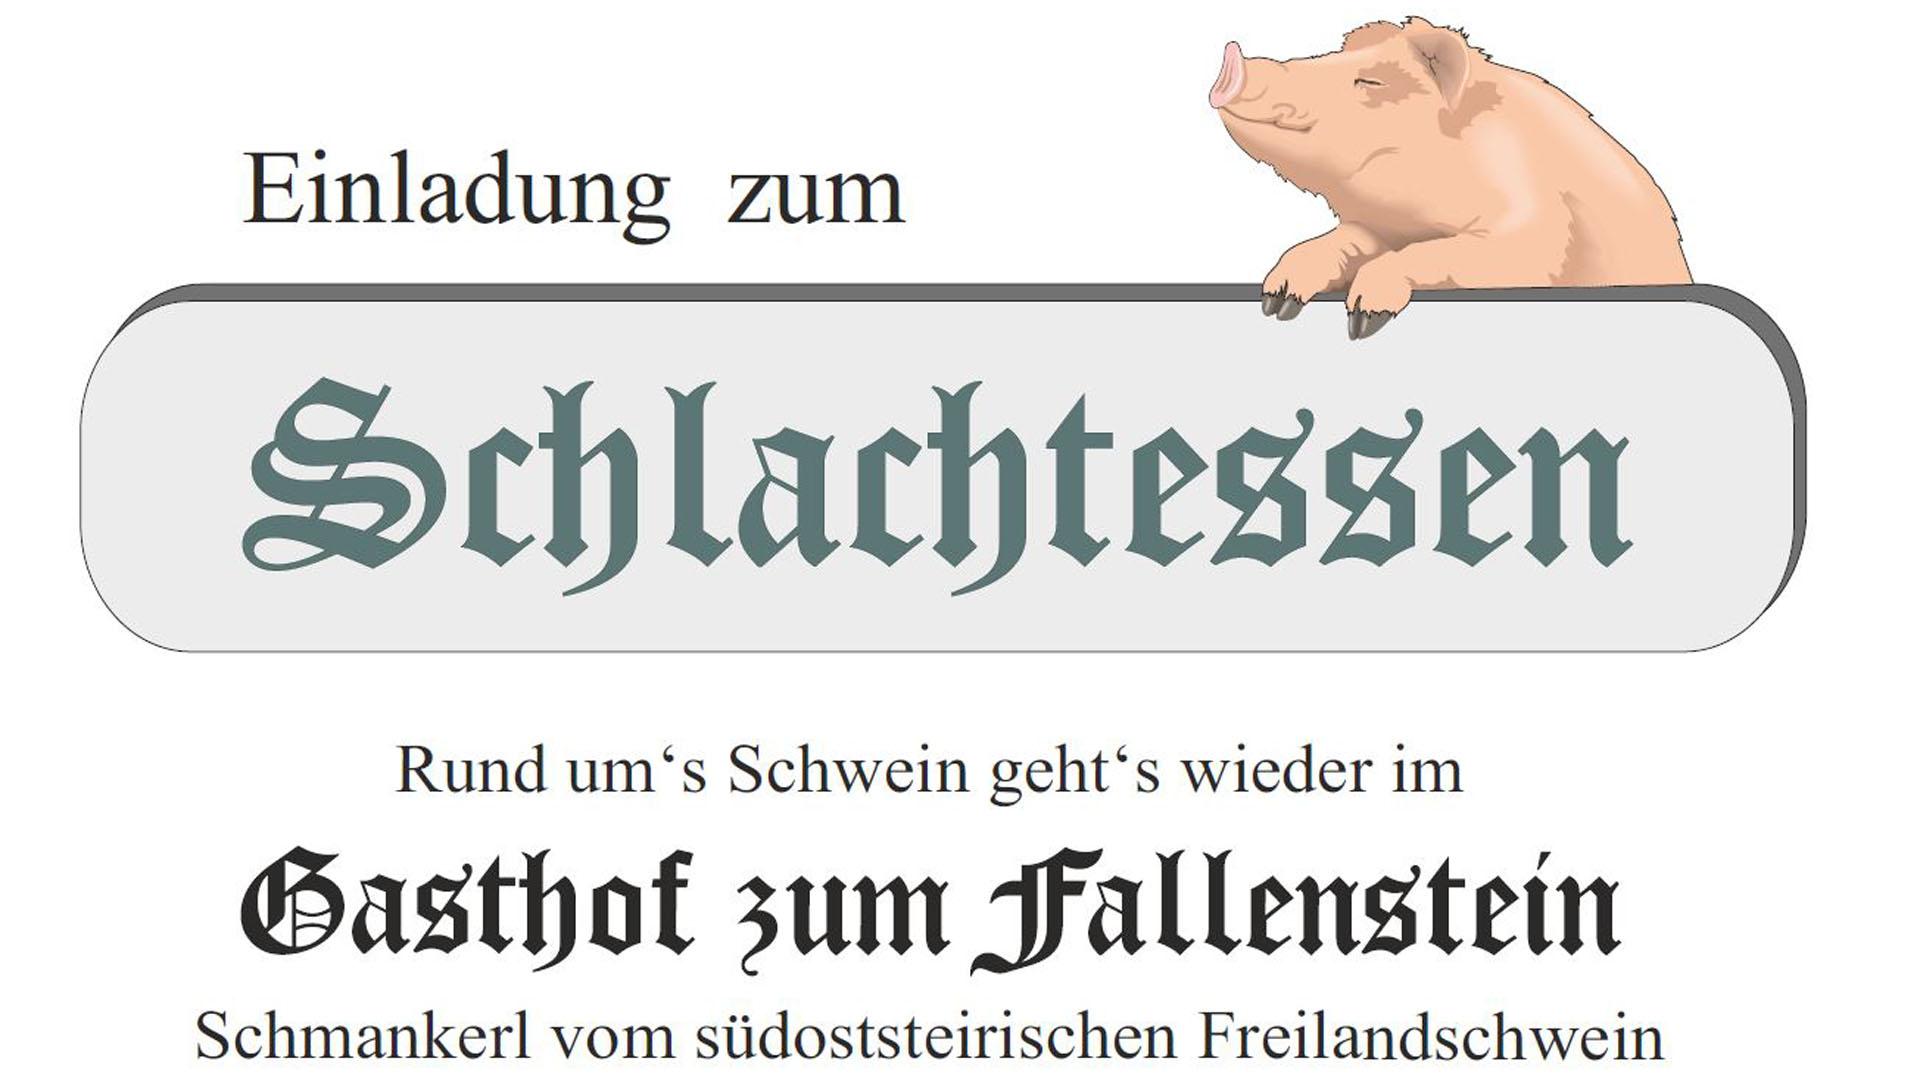 Schlachtessen Stromminger, Bild: Mariazell Online